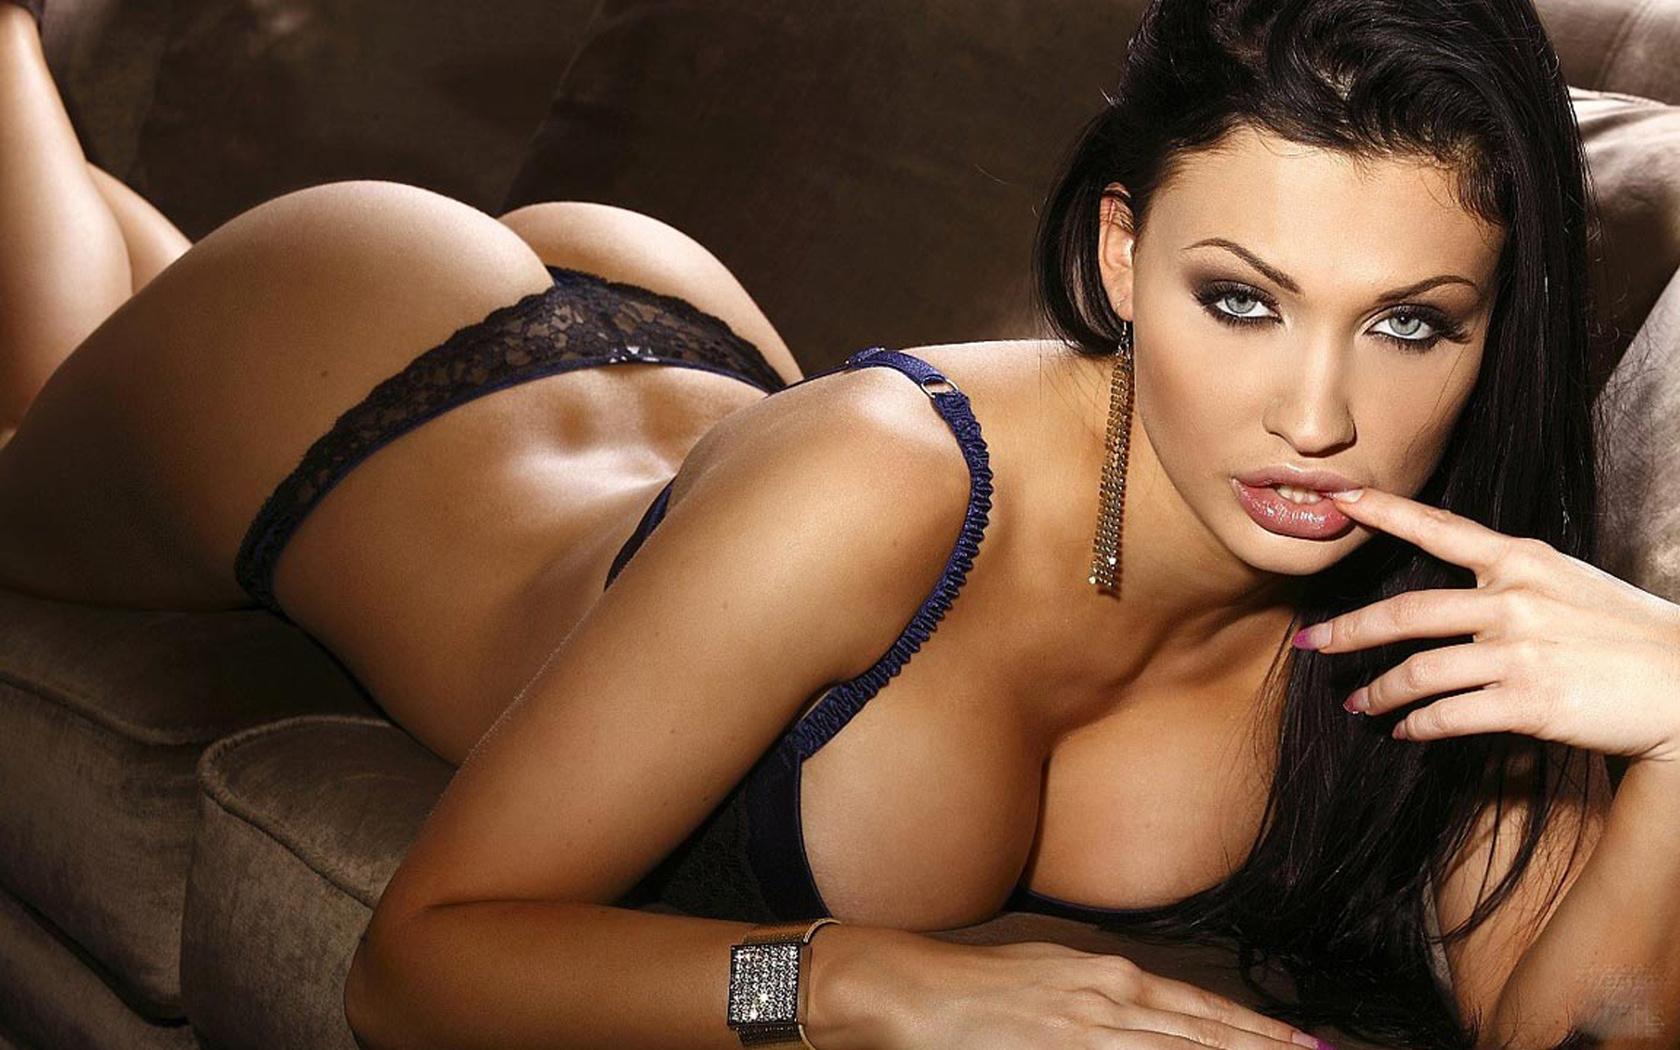 самая лучшая коллекция порно актрис на сайте пол ночи